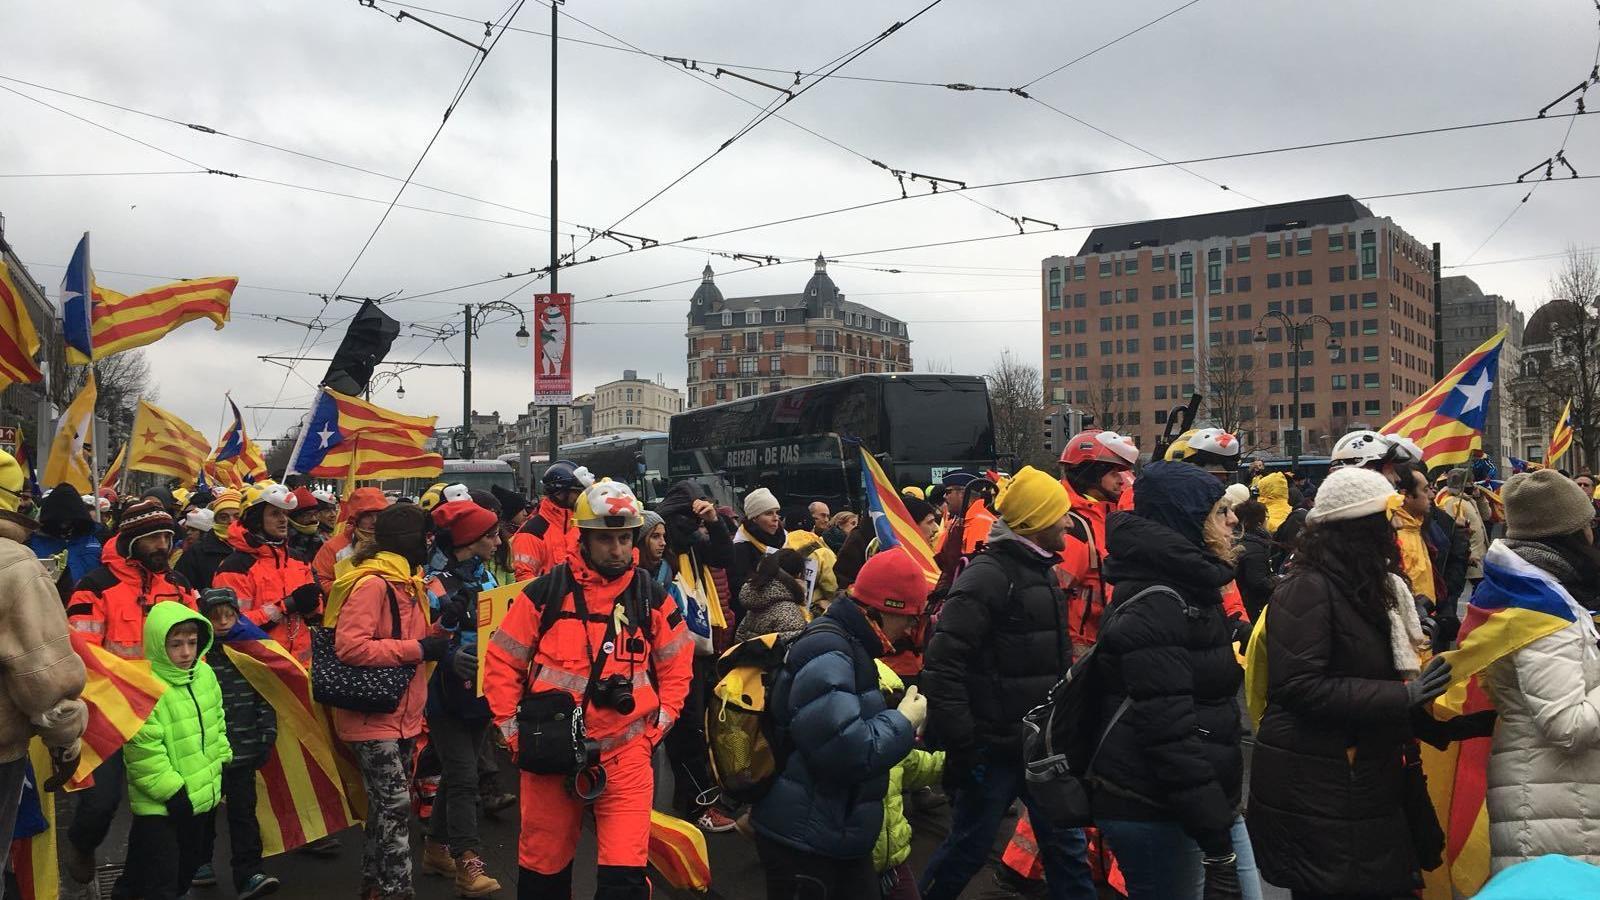 Els bombers arribant a la manifestació de Brussel·les.